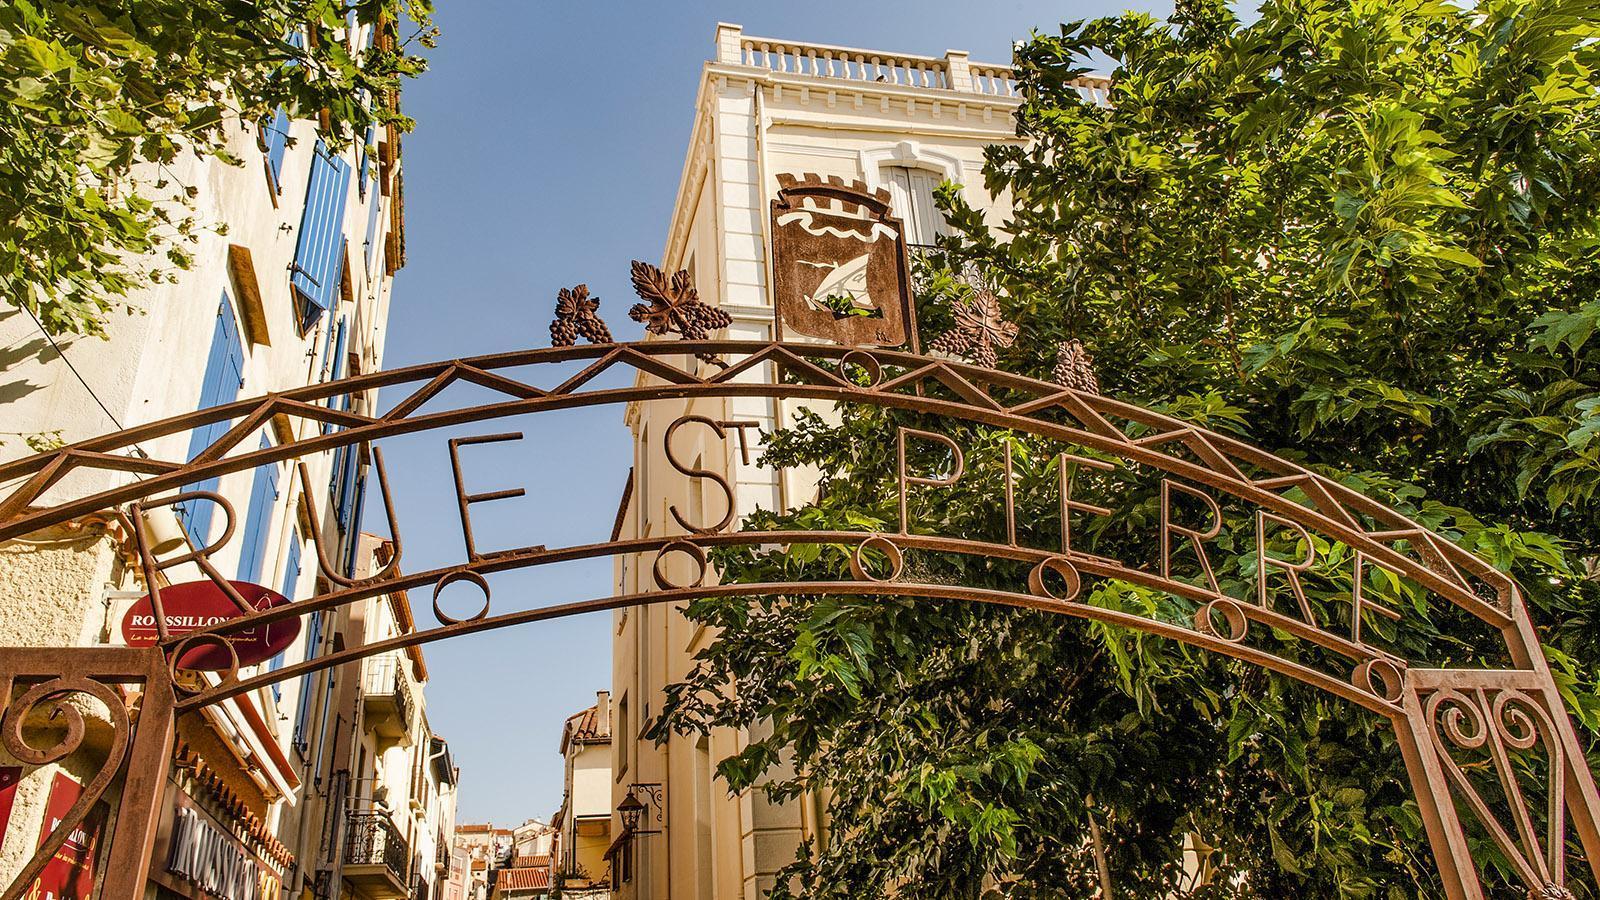 Die Rue Saint-Pierre ist die Fußgängerzone von Banyuls - hier findet hier neben vielen inhabergeschäften auch beliebte Bars und Lokale. Foto: Hilke Maunder